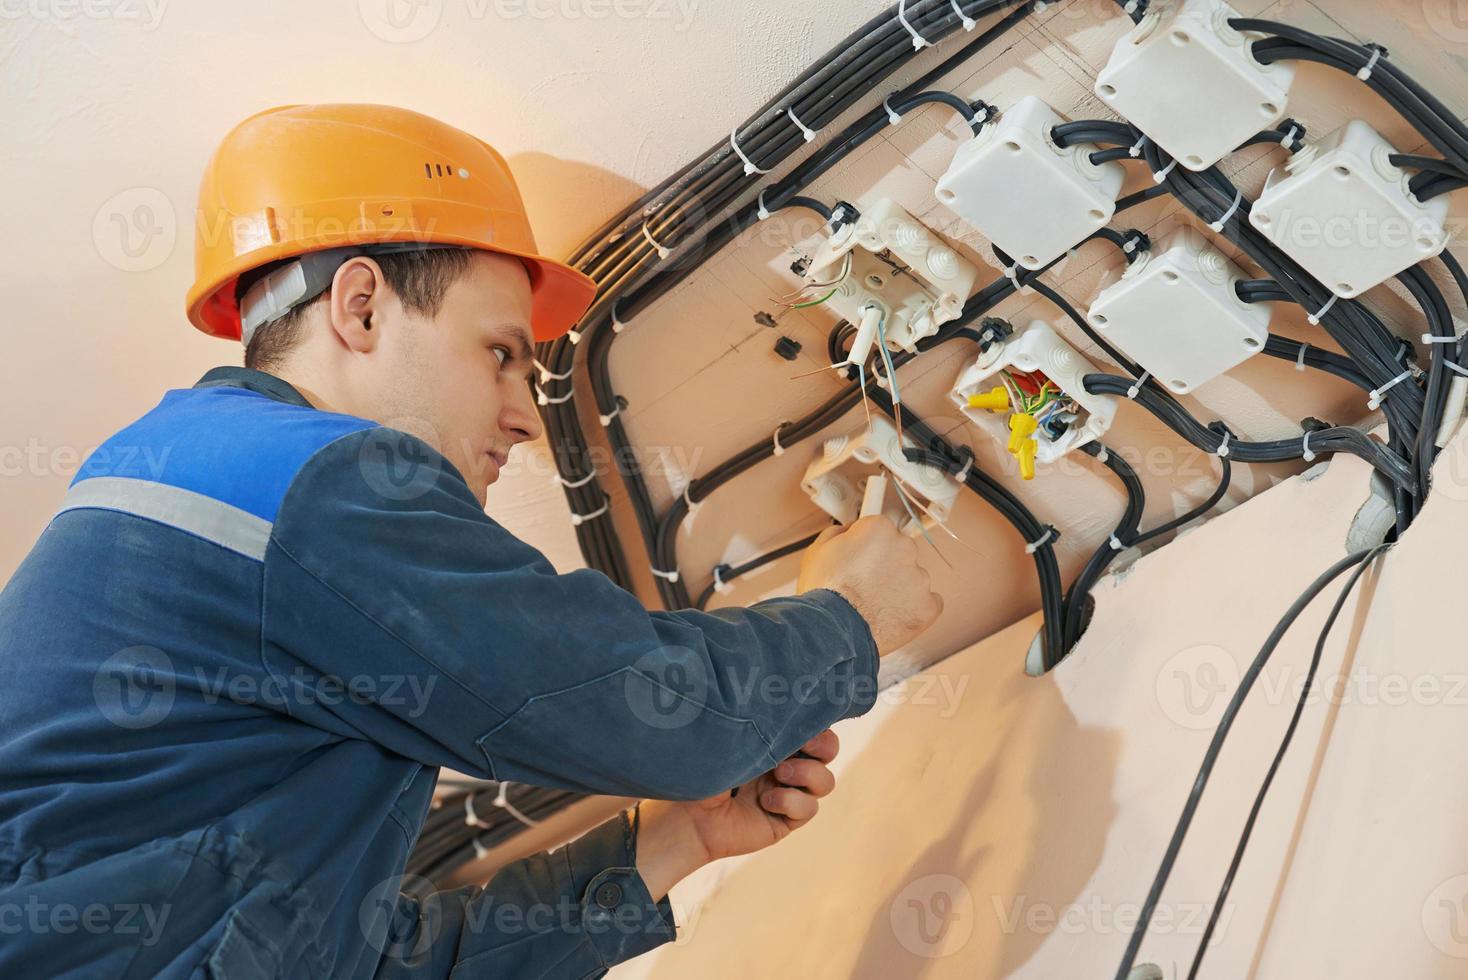 elektriker arbetar med elektriskt nätverk foto